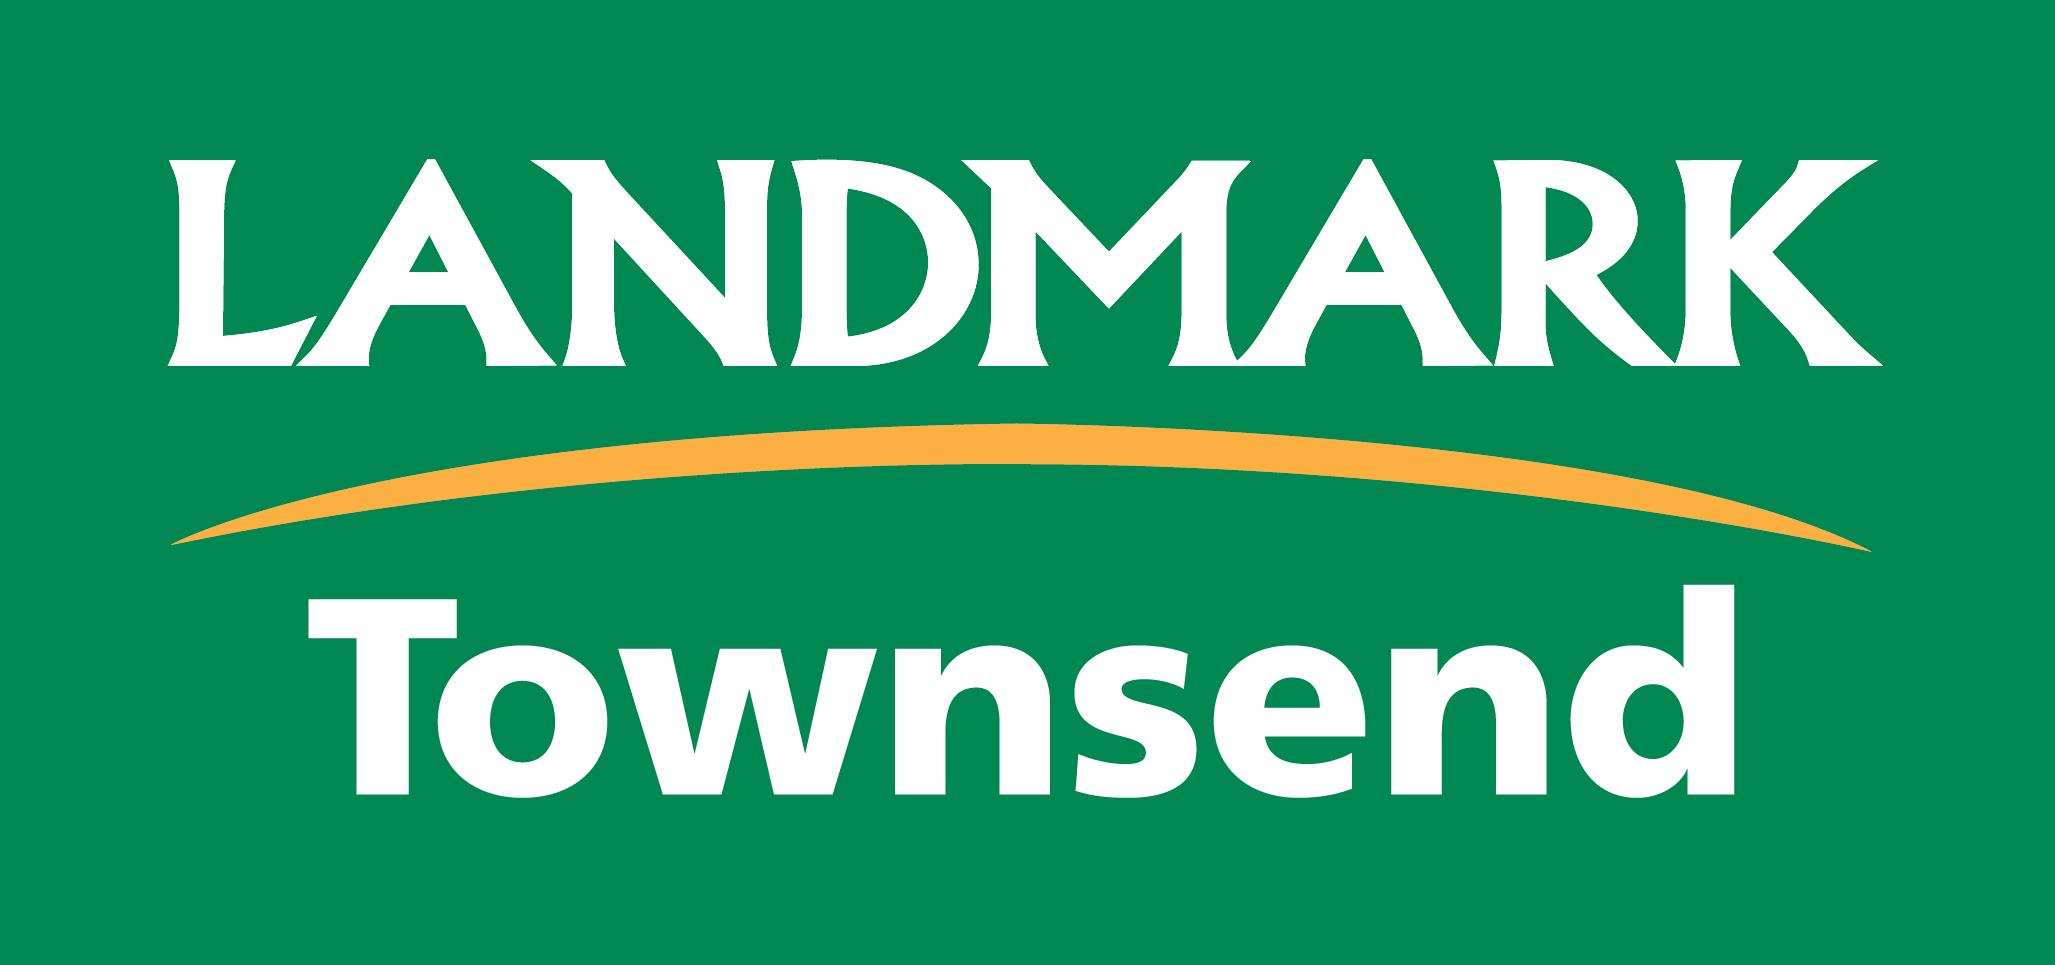 Landmark Townsend Scone